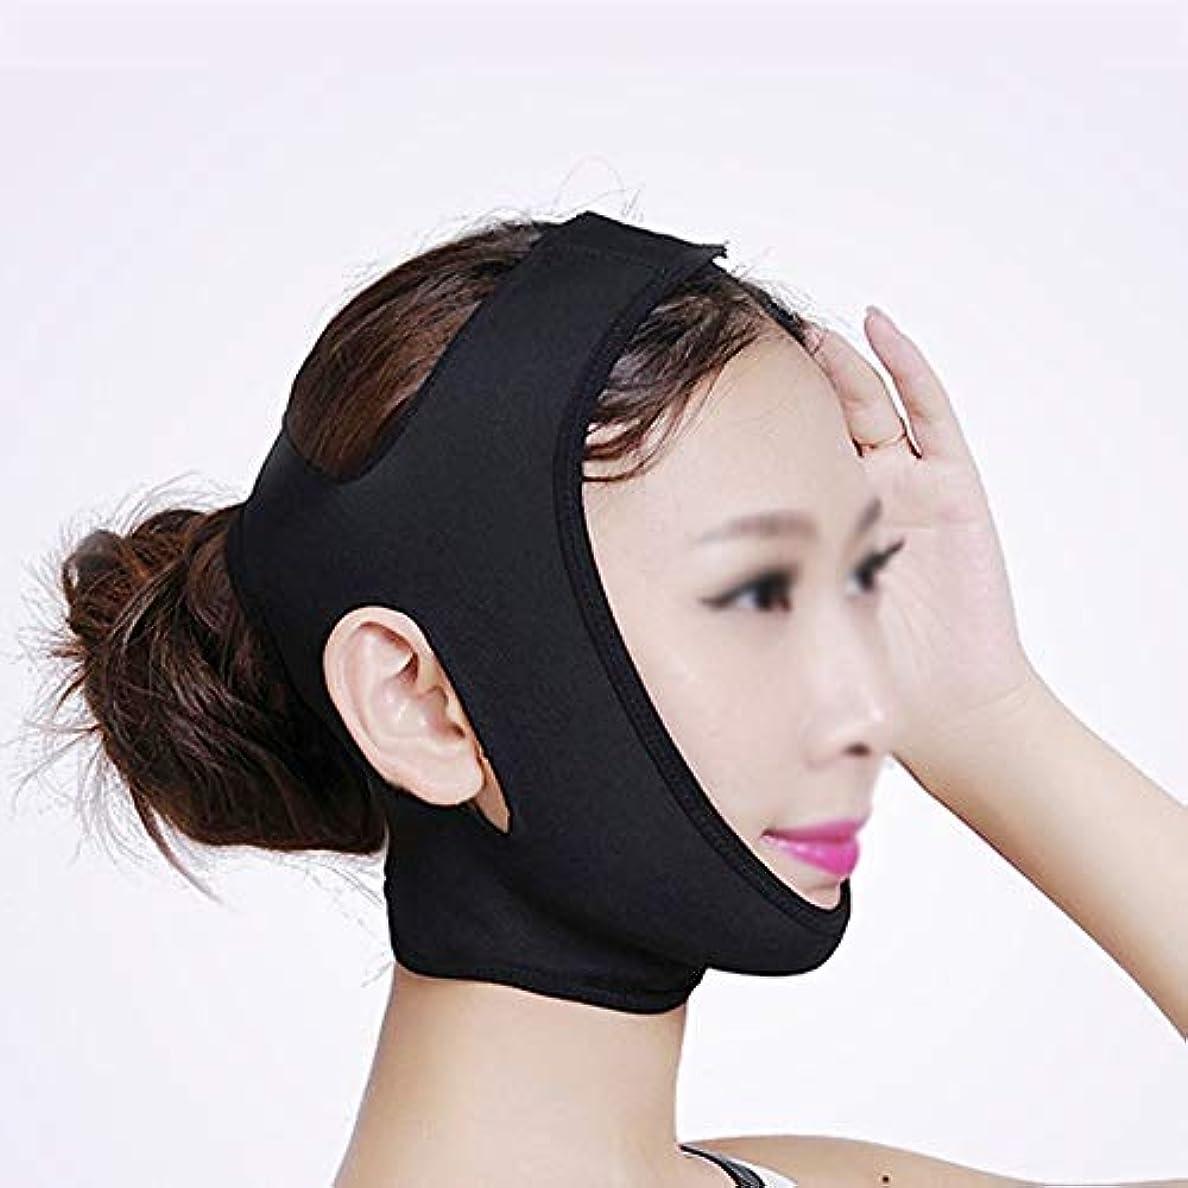 の間に適切に雇うLJK 減量の包帯、顔の持ち上がる包帯、二重あごを減らすために持ち上がるベルトを取除く顔の減量のマスクの持ち上がる表面、フェイスマスク、二重あご (Color : Black, Size : S)